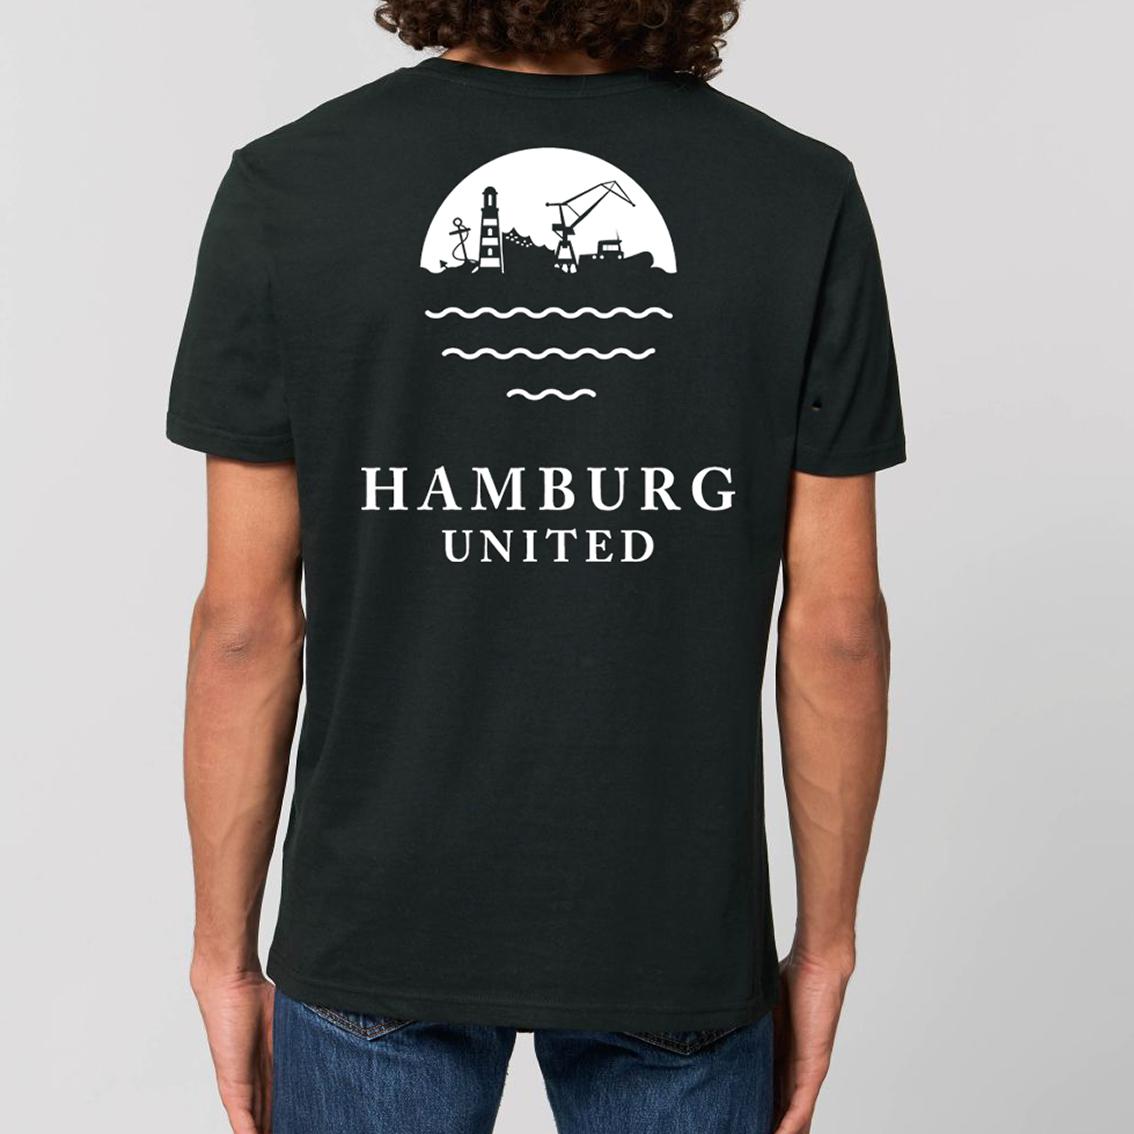 Tourhafen Hamburg United Untailliertes Shirt